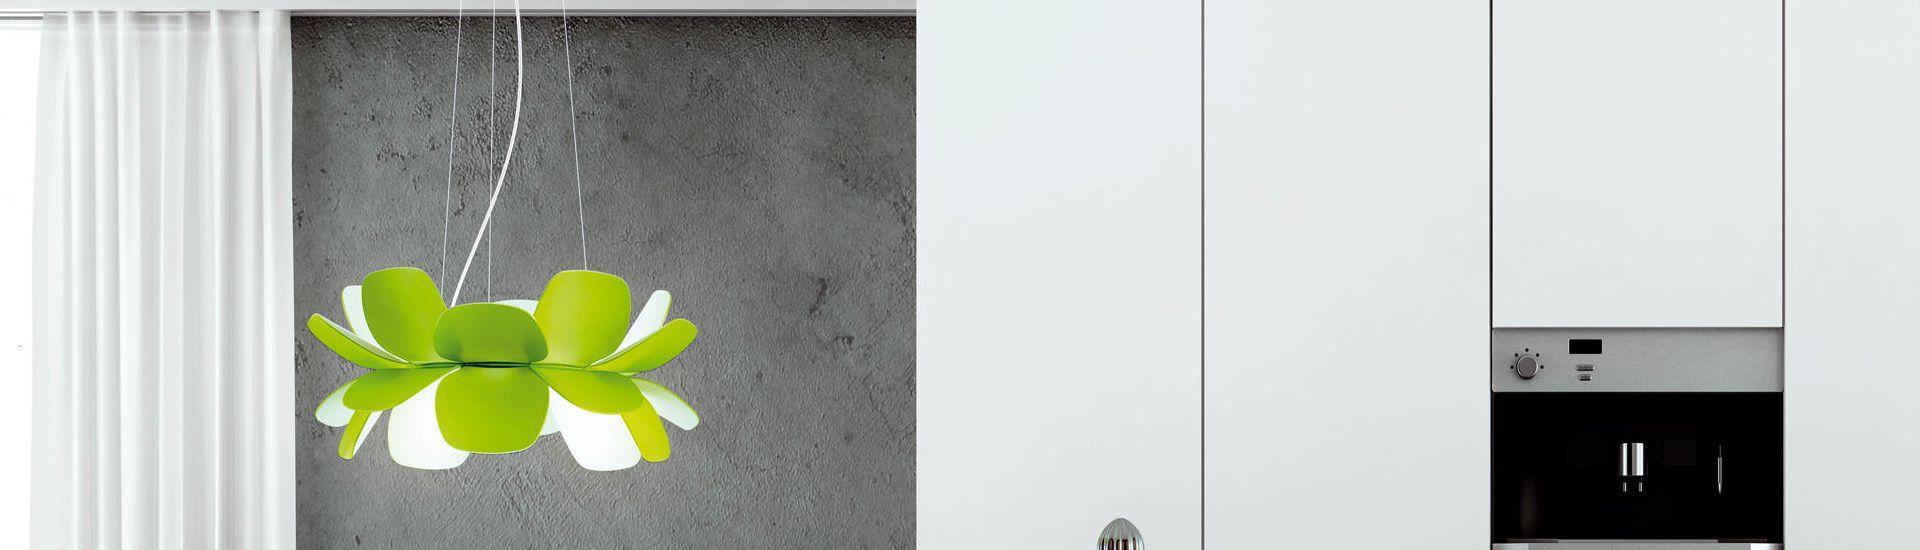 Infiore T 5805 Lámpara Colgante ECO 120W Verde